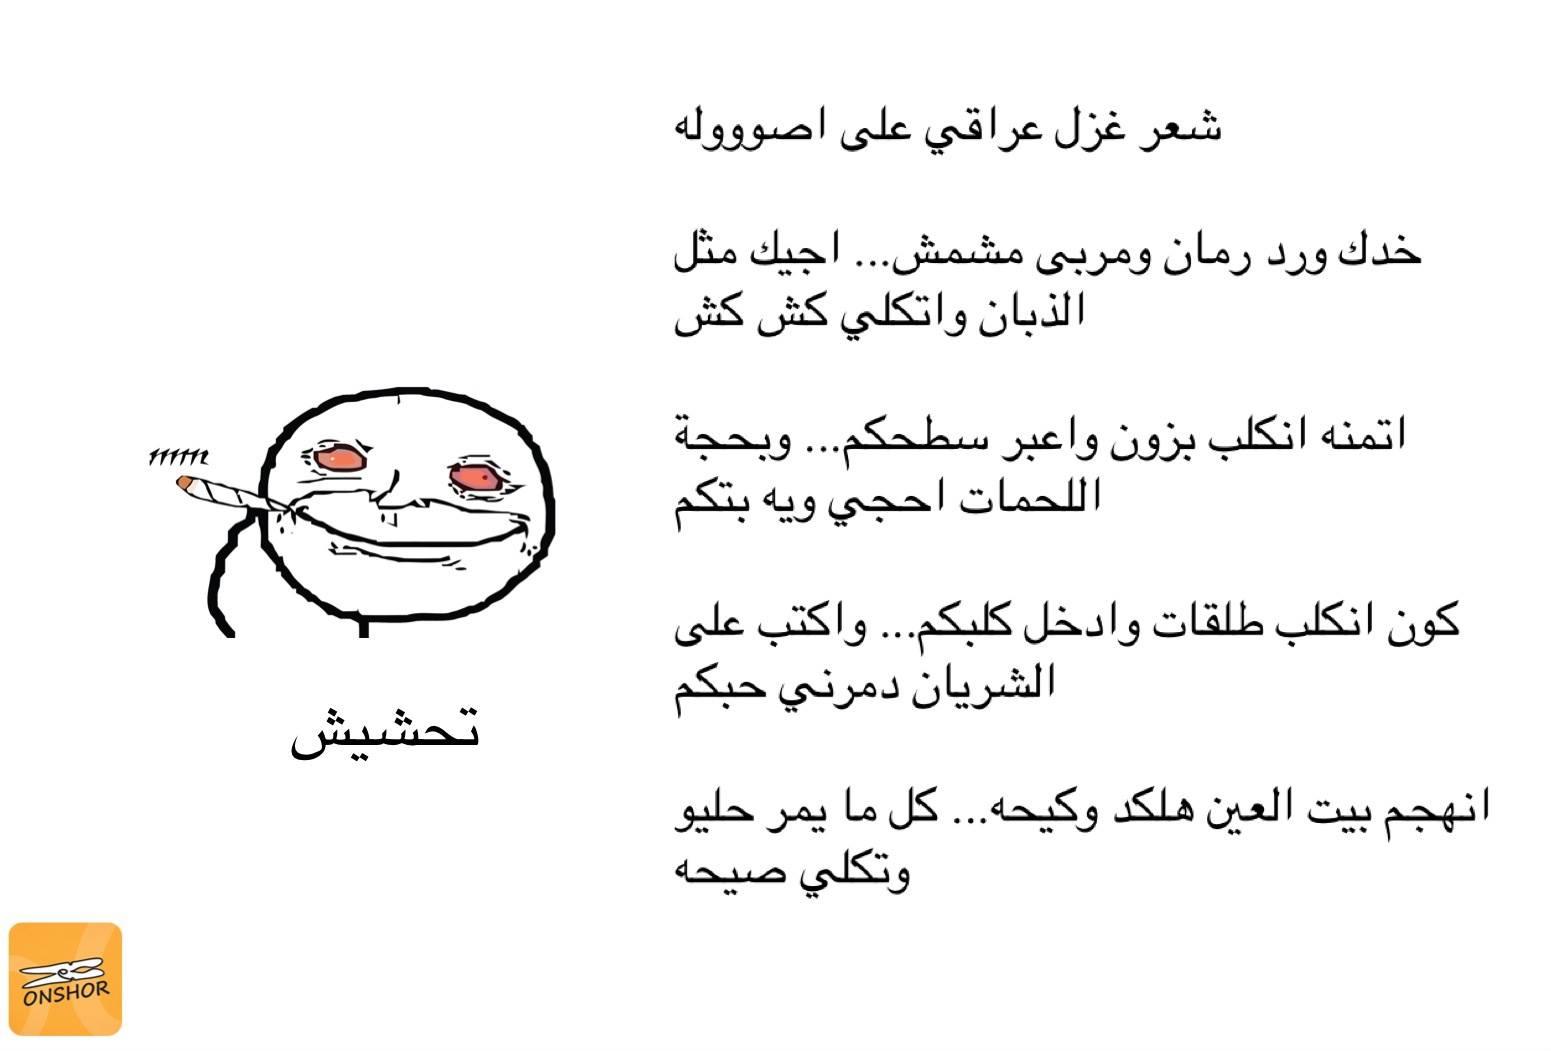 بالصور شعر غزل عراقي , اجمل شعر غزل عراقي 3640 2